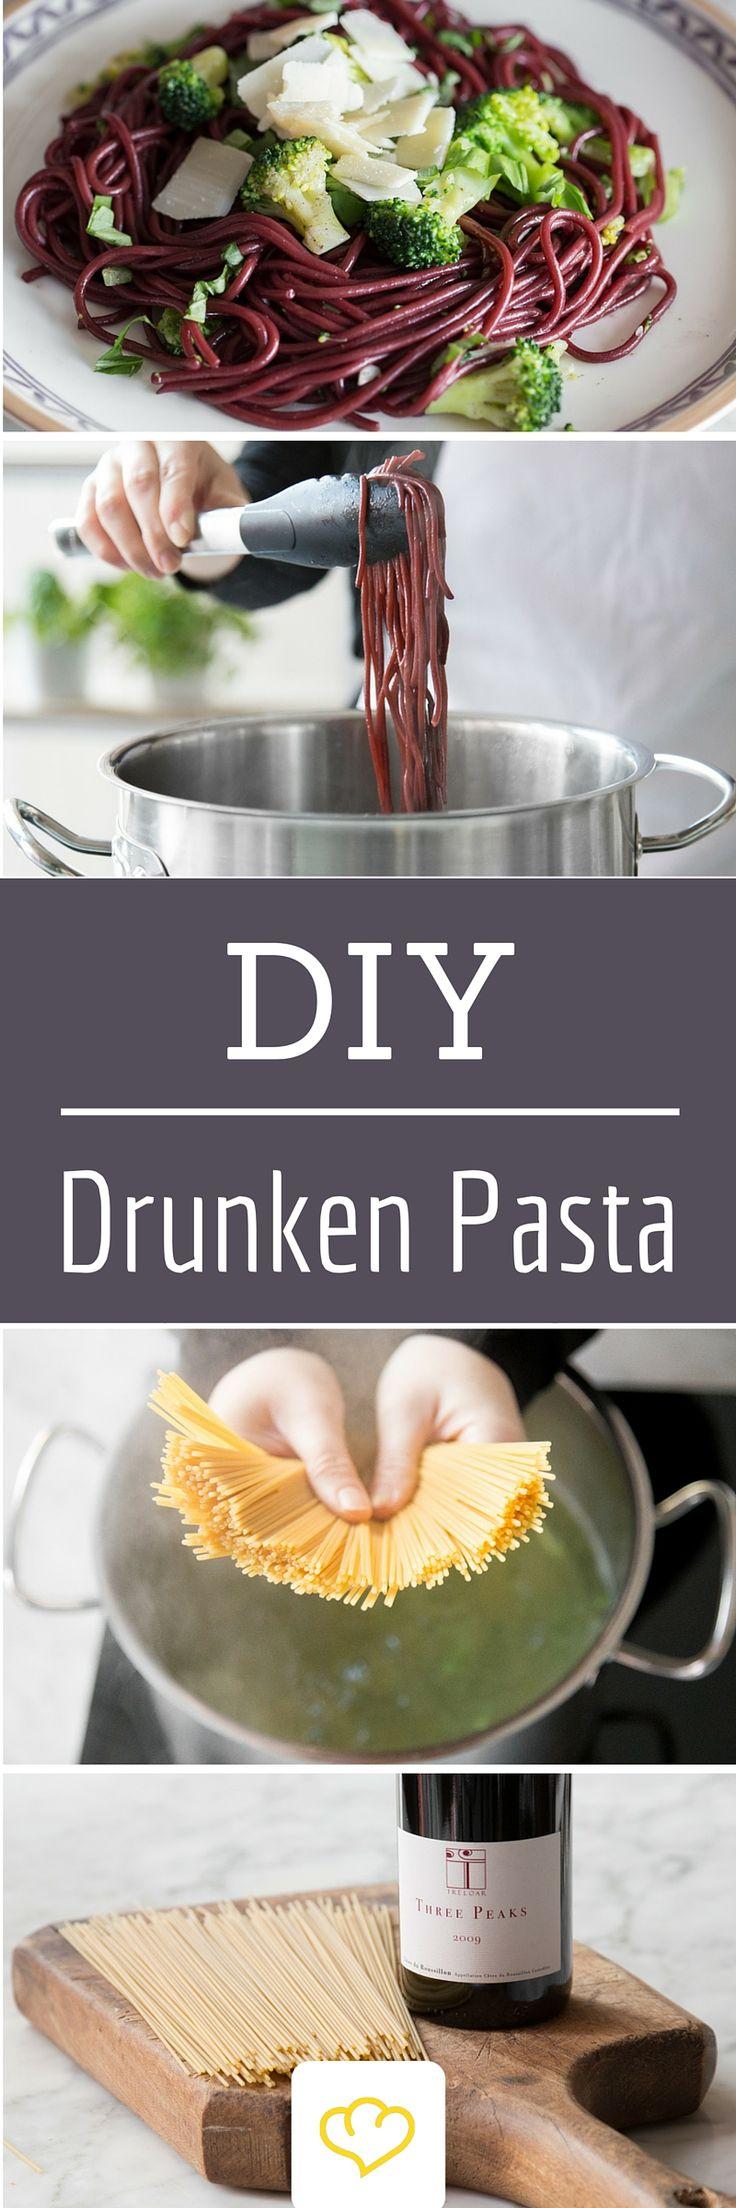 Drunken Pasta: Das passiert, wenn du Spaghetti in Rotwein kochst